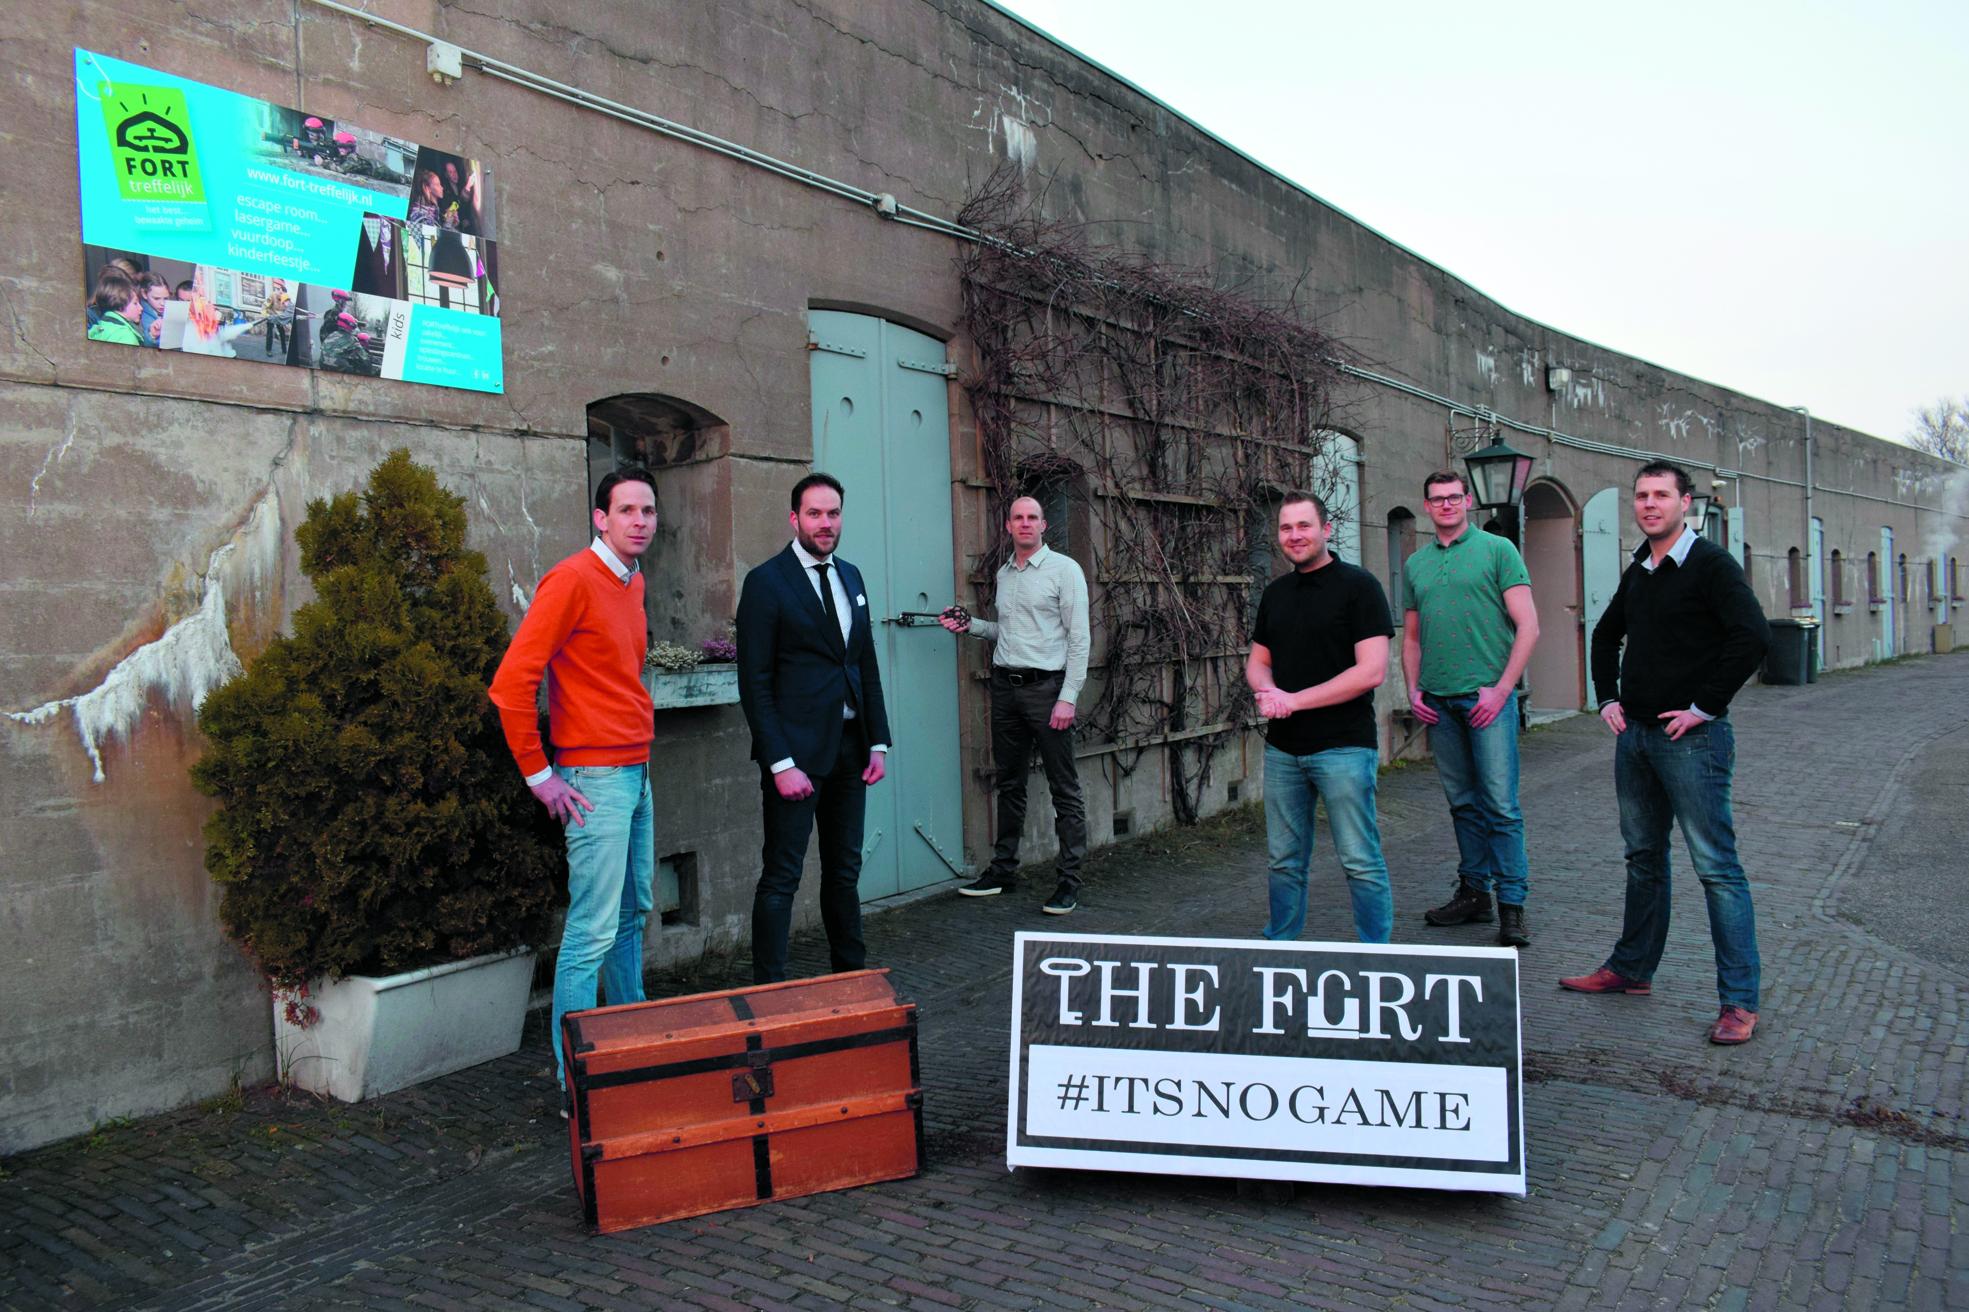 De commissie van de Juniorkamer bij Fort Markenbinnen, de locatie van The Fort, #intsnogame!. (Foto: Yvette van der Does/RM)